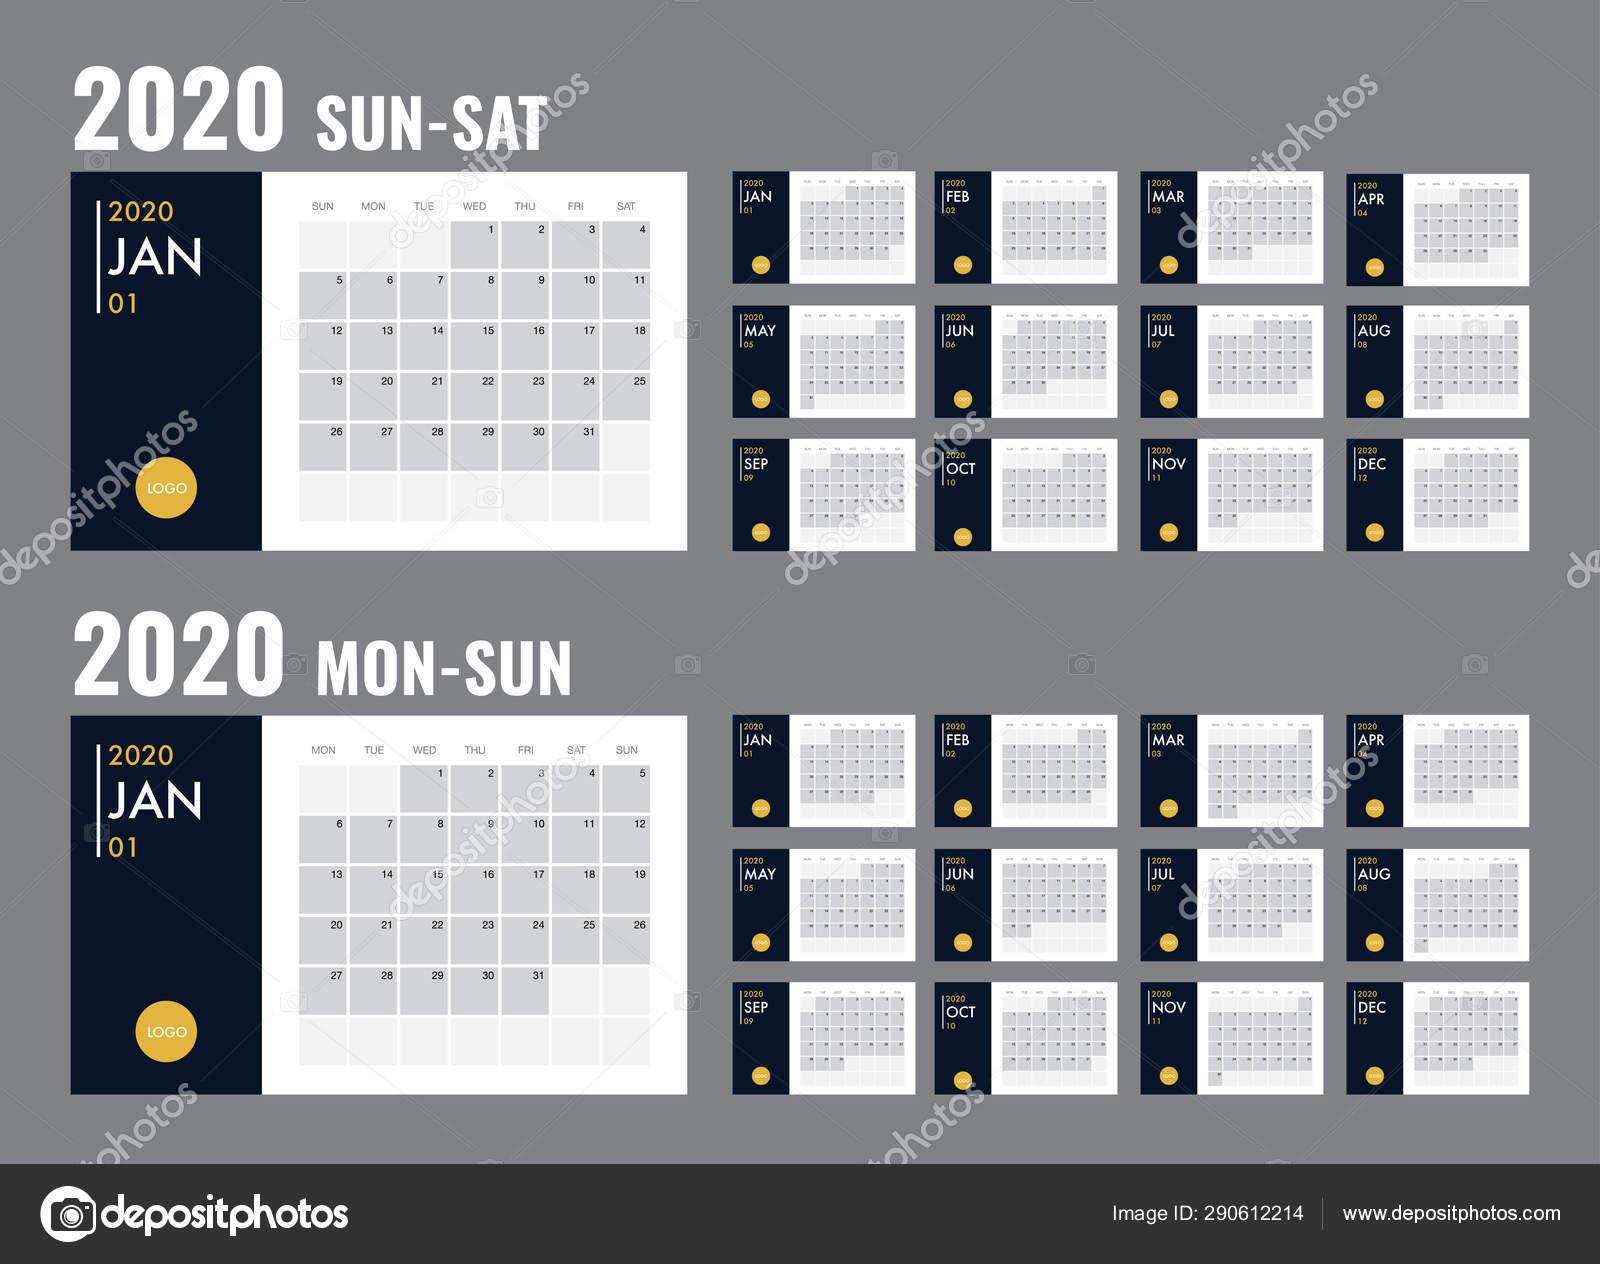 Calendario Diario 2020.Calendario 2020 Diario Vectorial Del Planificador De